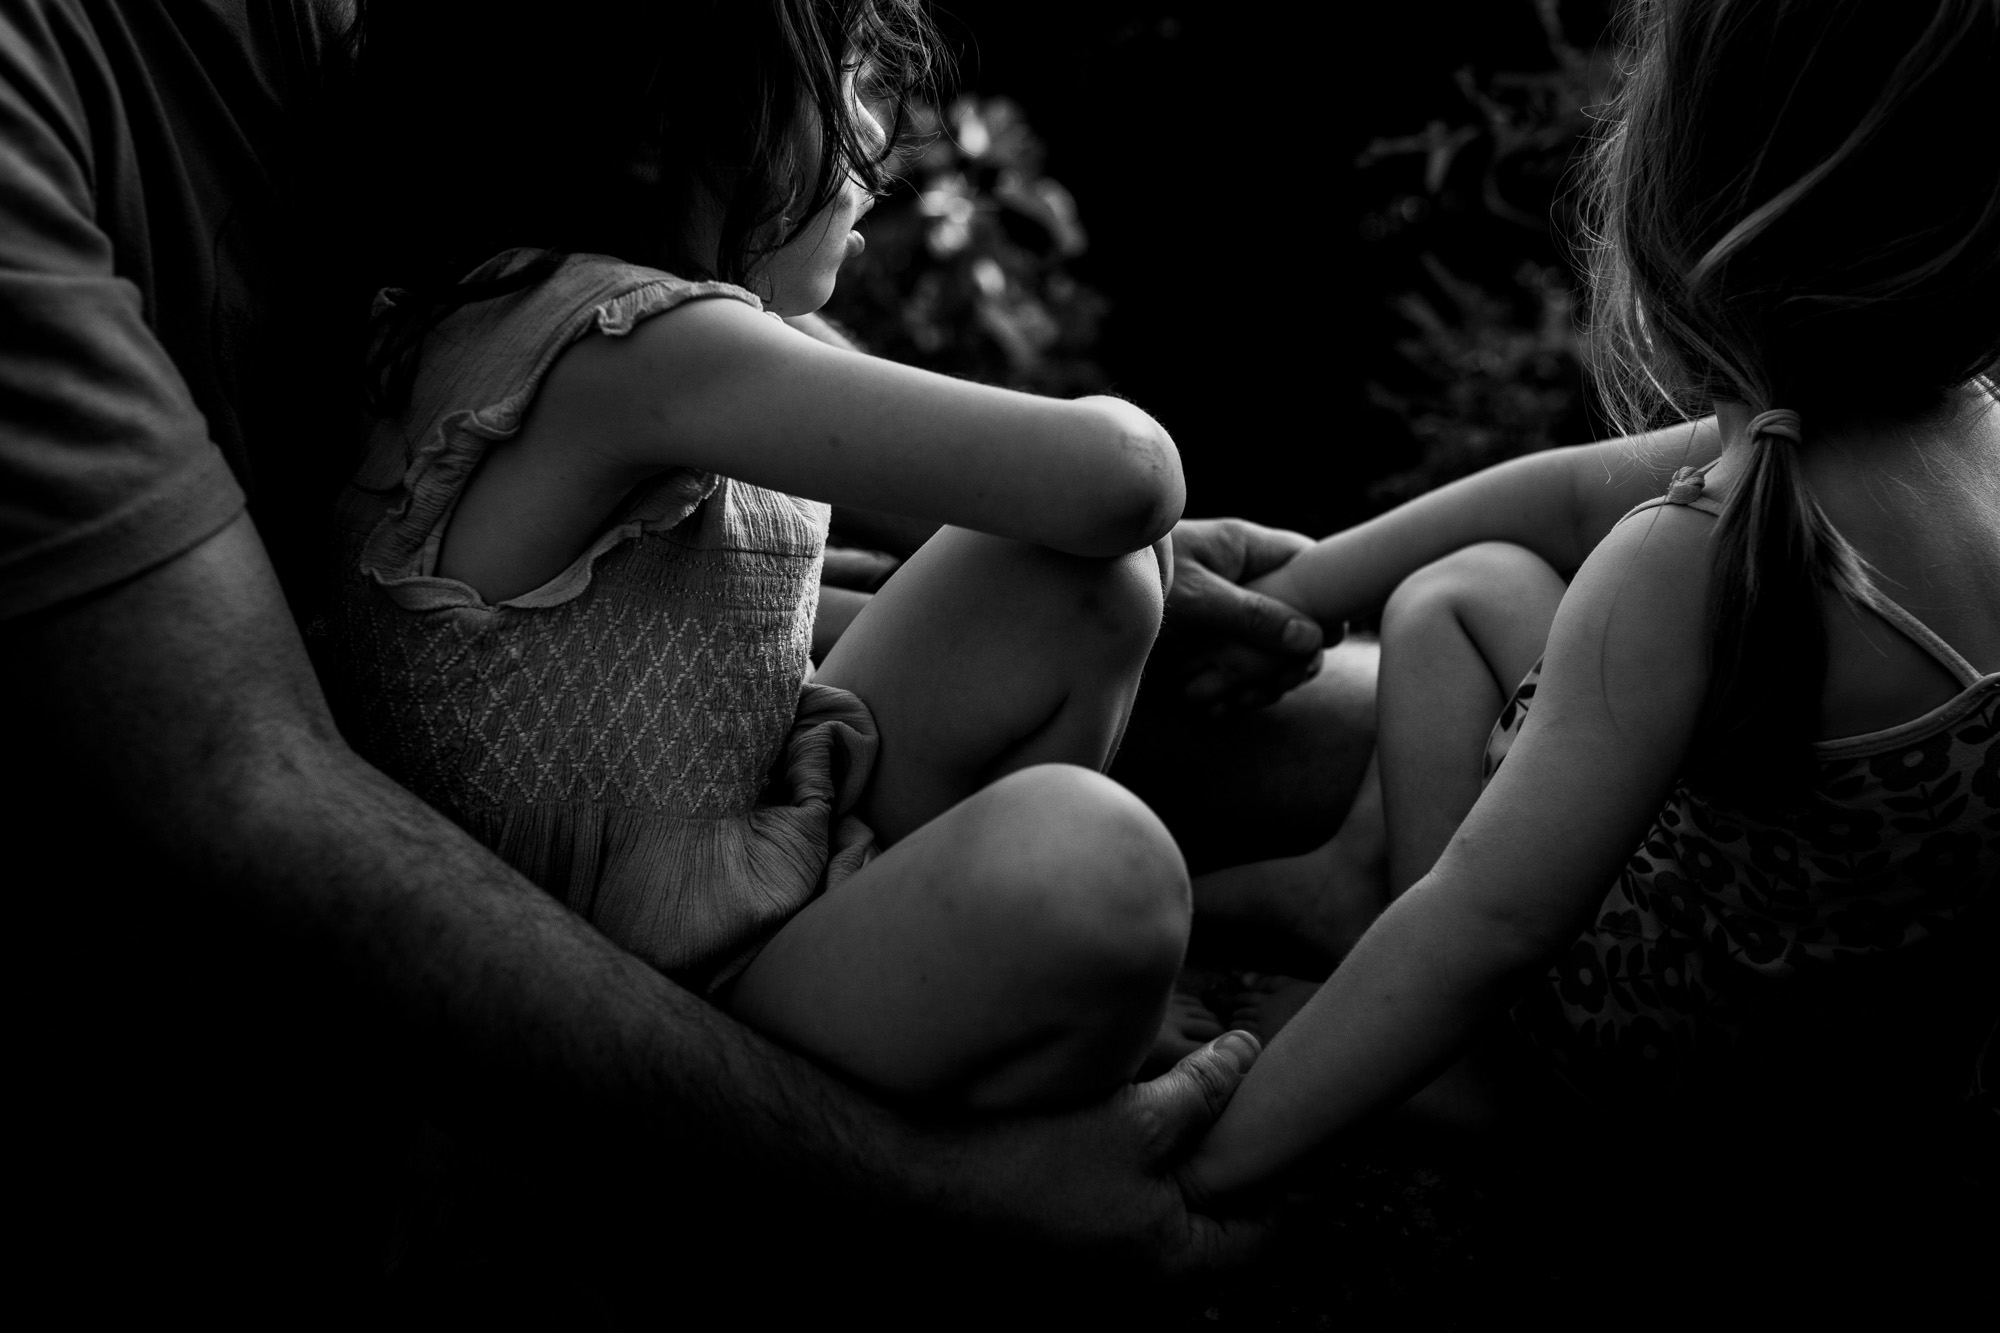 Hände und Arme. Ein Mann hält seine Töchter fest. Ein sehr zärtliches Bild.